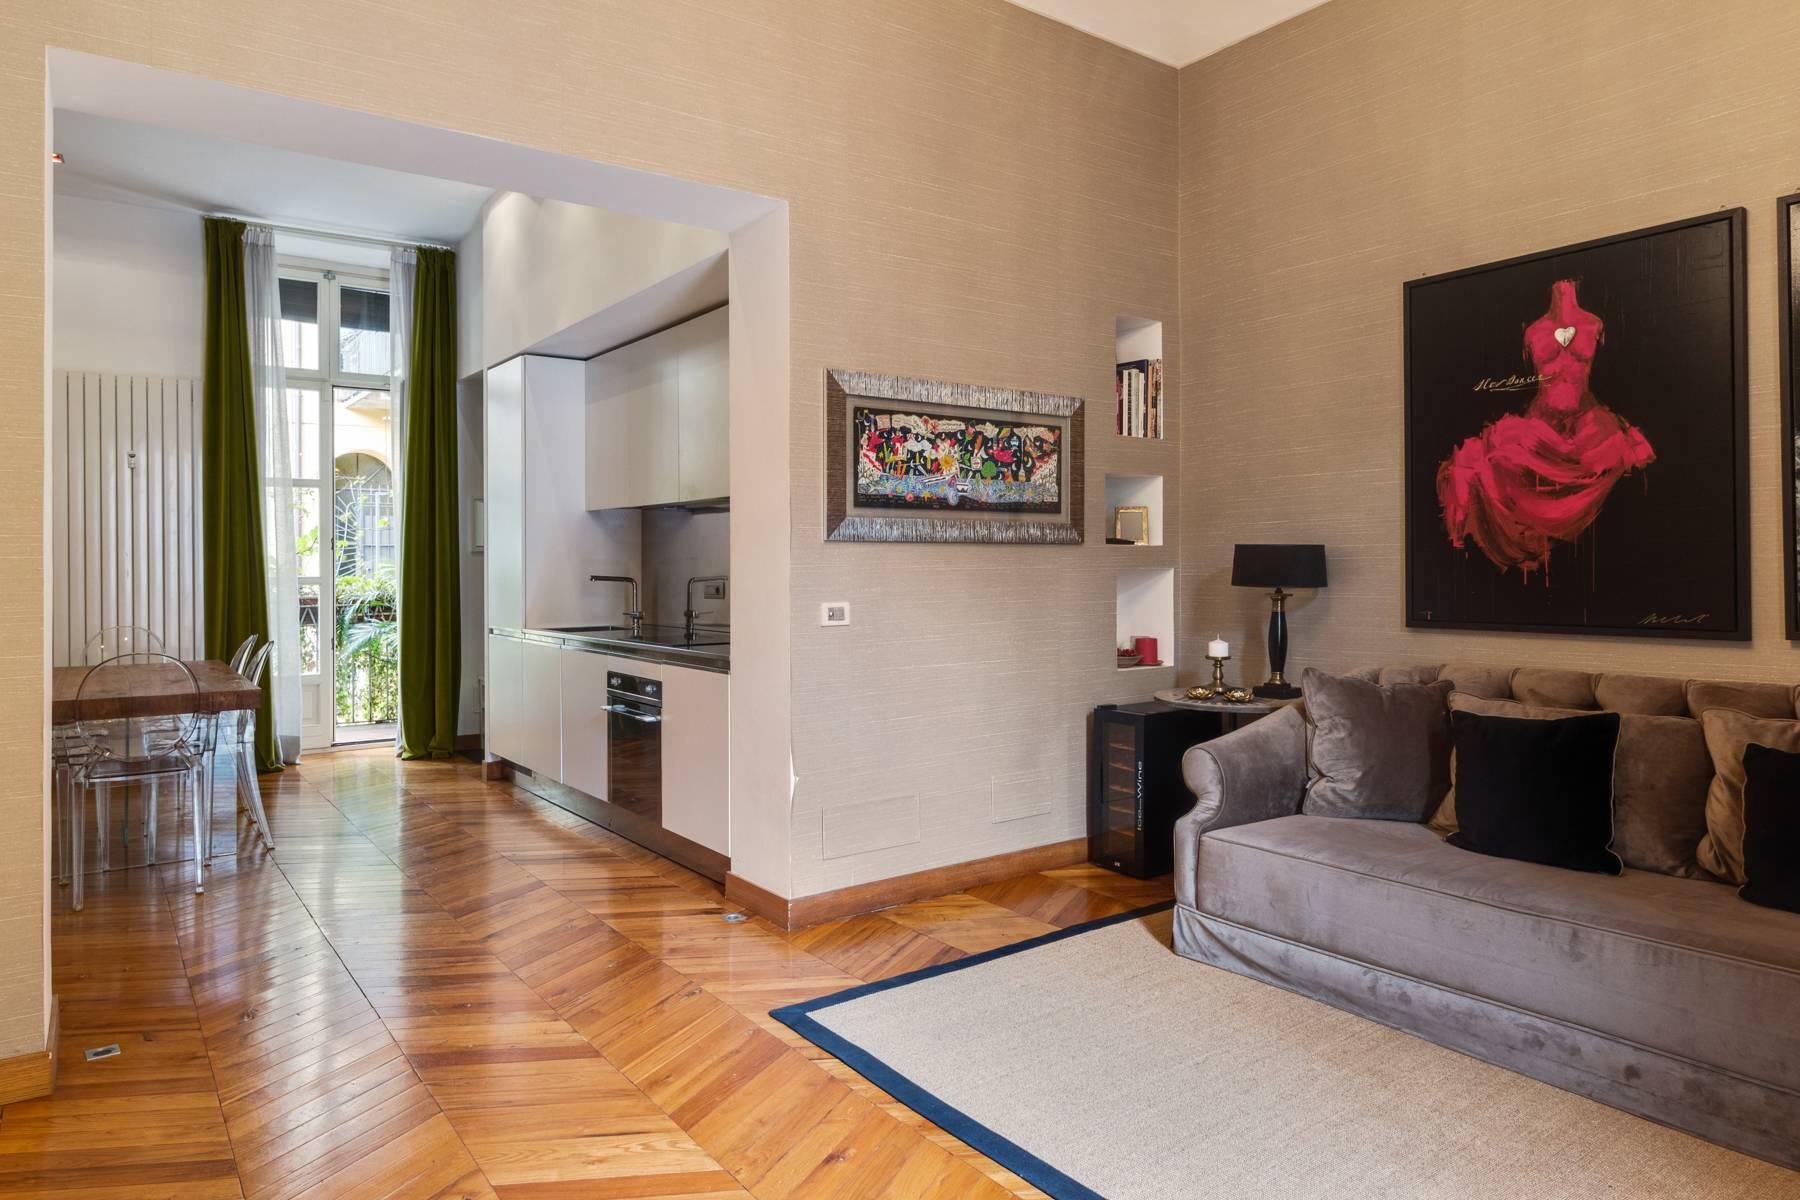 Affascinante appartamento nel cuore del quartiere Cit Turin - 6